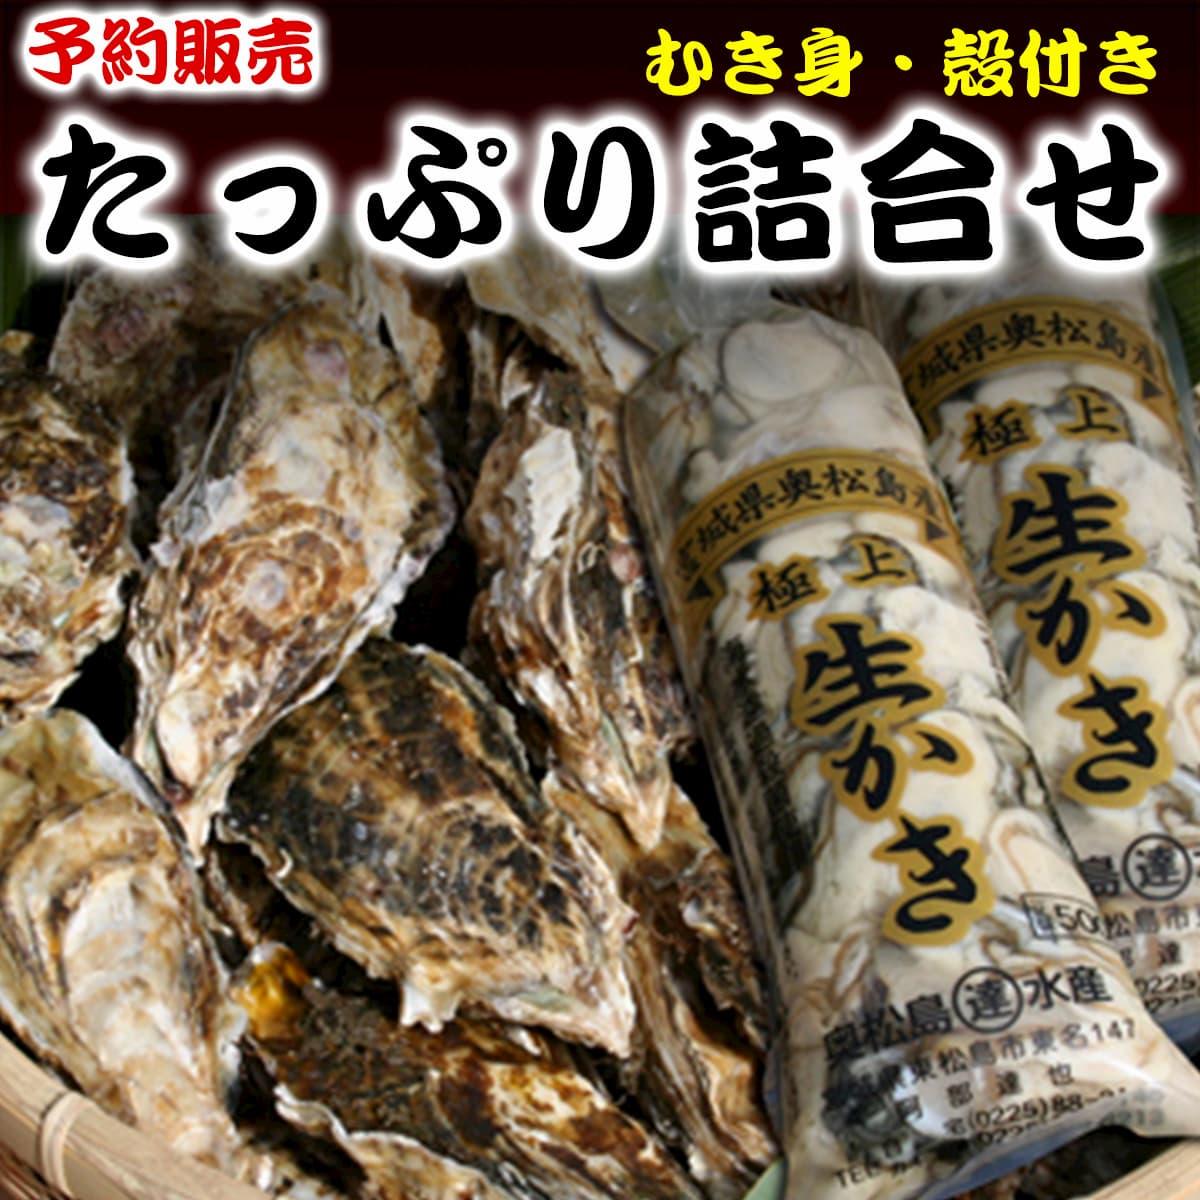 【ふるさと納税】<予約>奥松島産極上旨牡蠣たっぷり詰合せ(むき身1.5kg・殻付き40個)